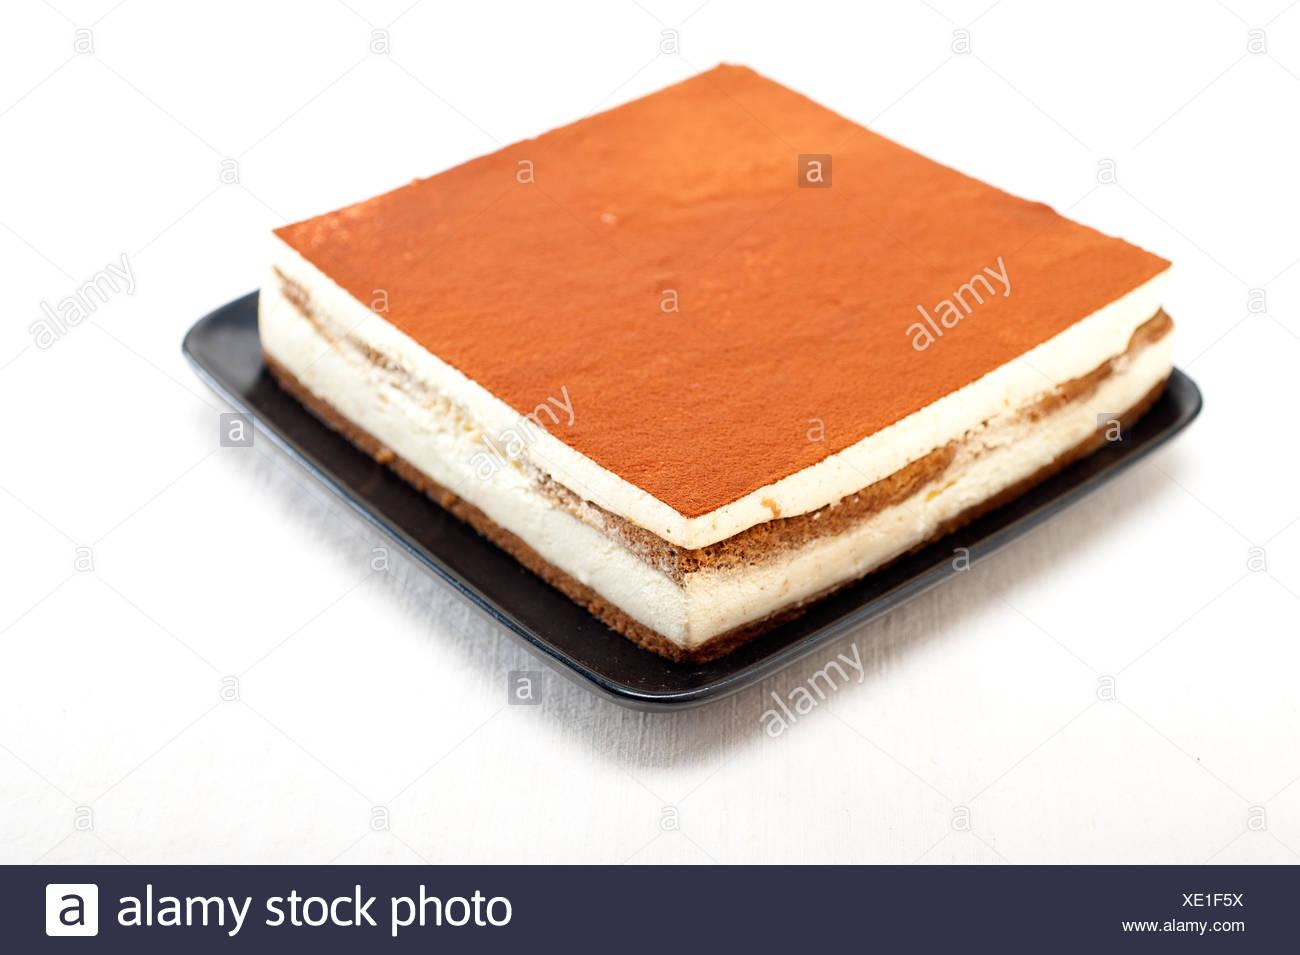 home made tiramisu dessert - Stock Image